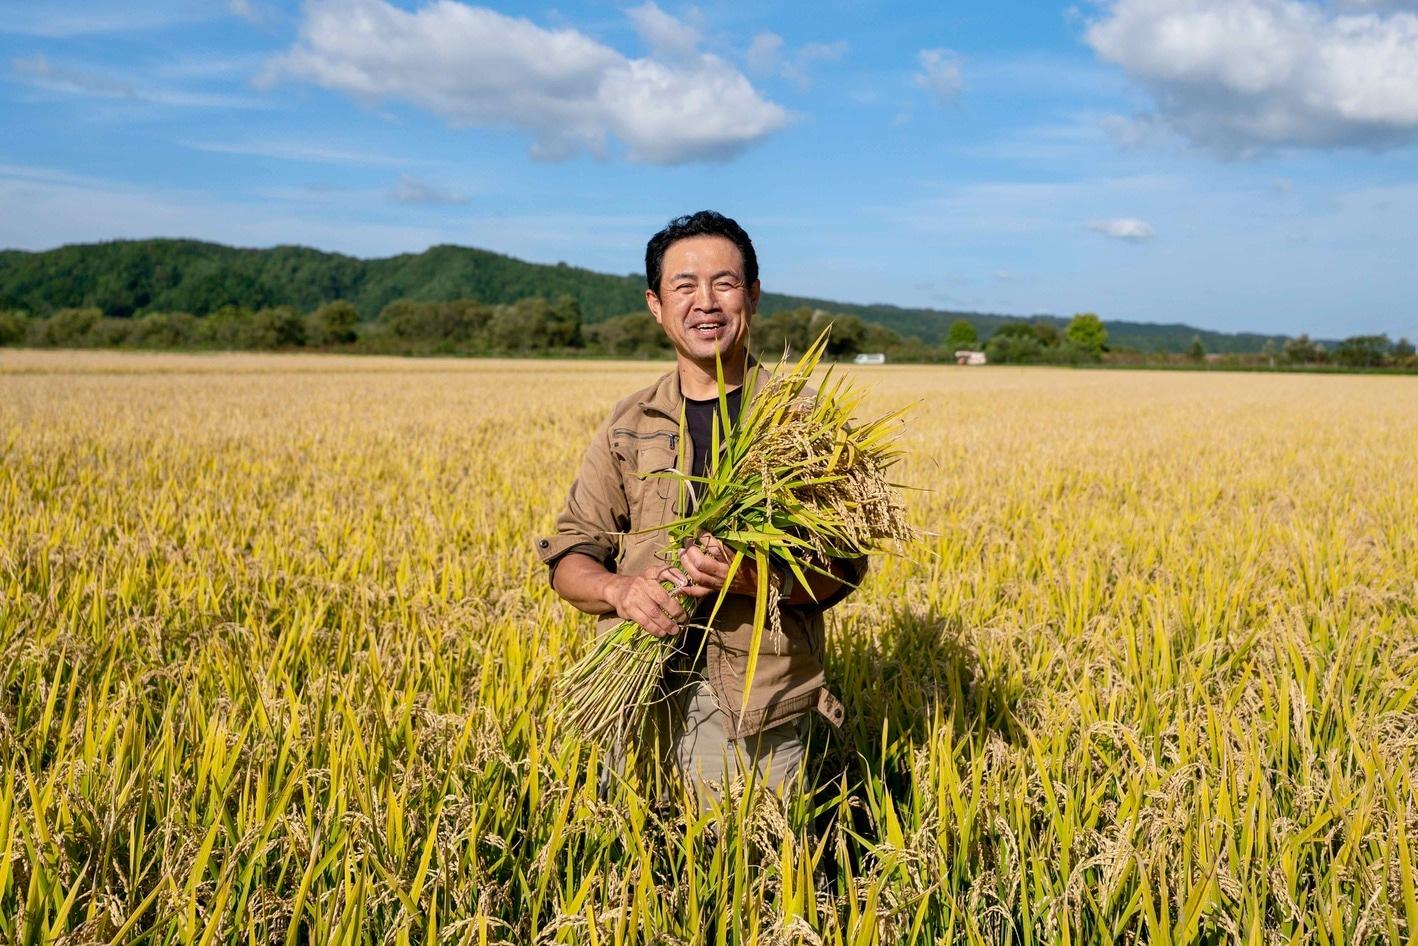 北海道むかわ町の小坂農園,黄金色の稲穂に囲まれた小坂さん